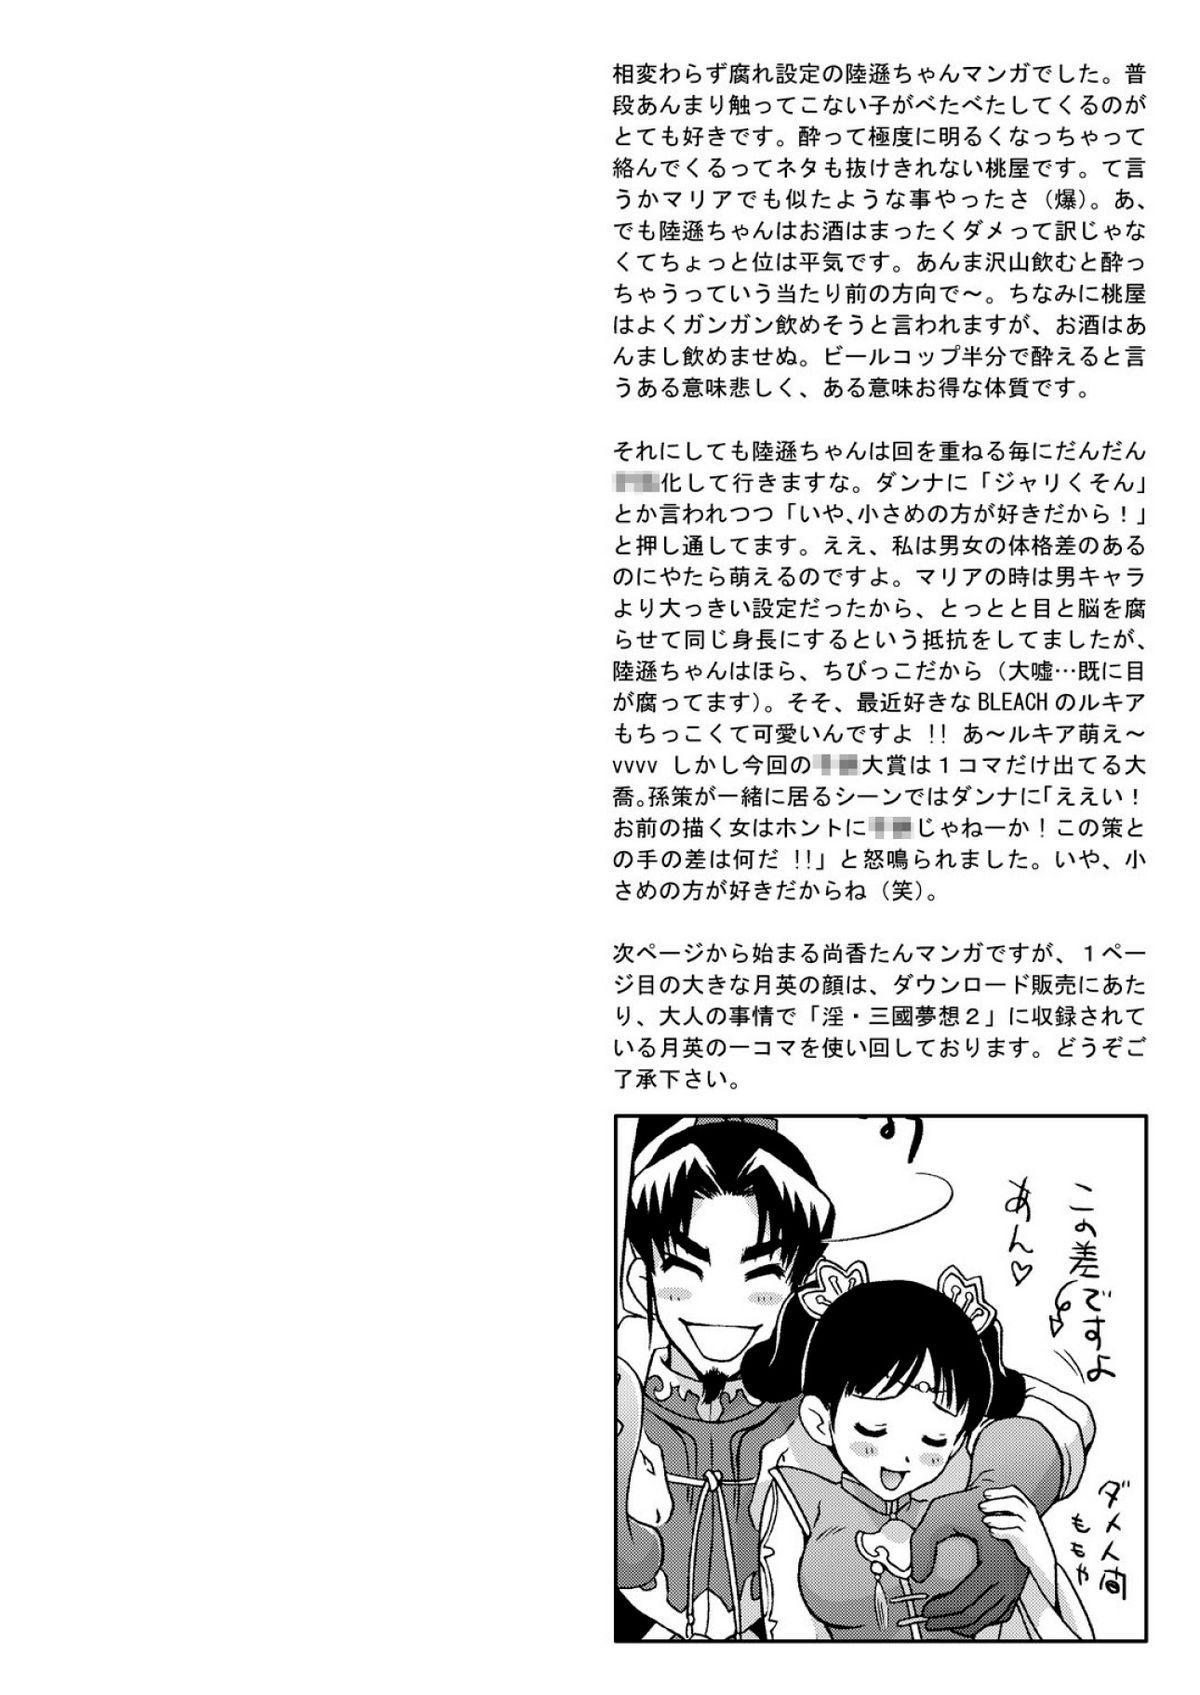 In Sangoku Musou 3 61